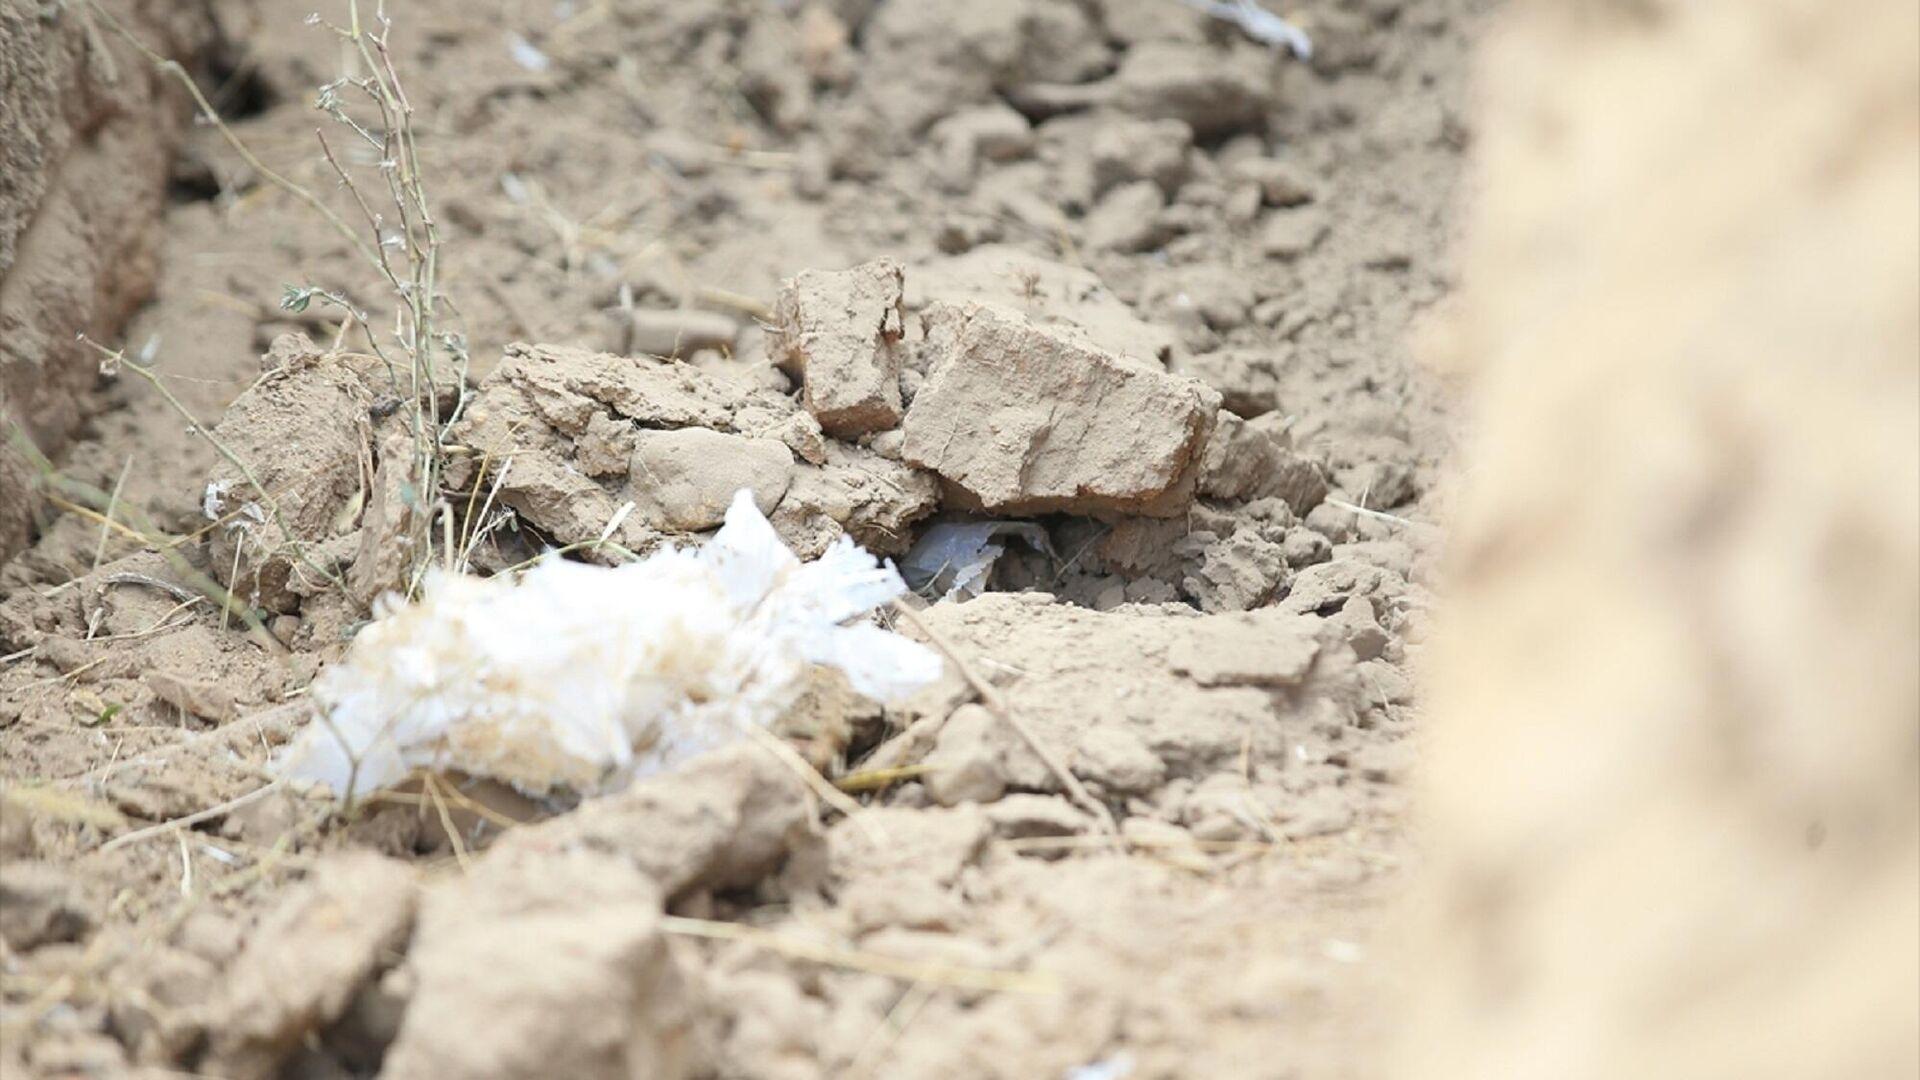 Kırklareli'nin Kavaklı beldesinde arazide bulunan el bombası, jandarma ekipleri tarafından imha edildi.  - Sputnik Türkiye, 1920, 13.09.2021